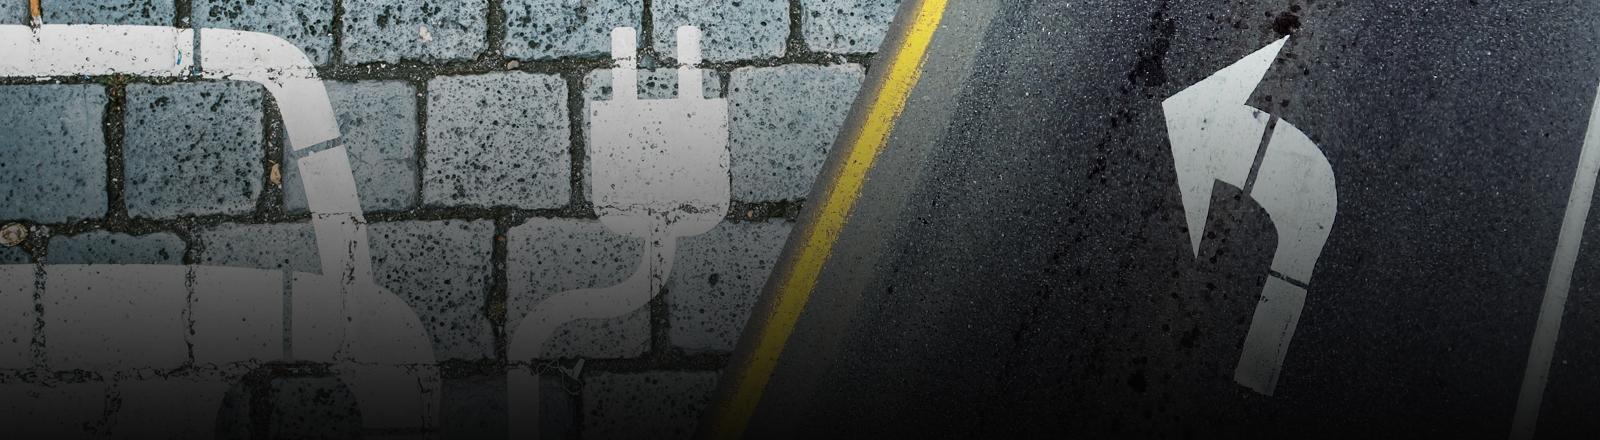 Linke ein Puktogramm eines Elektroautos auf Pflastersteinen, rechts ein Abbiegepfeil auf einer Straße